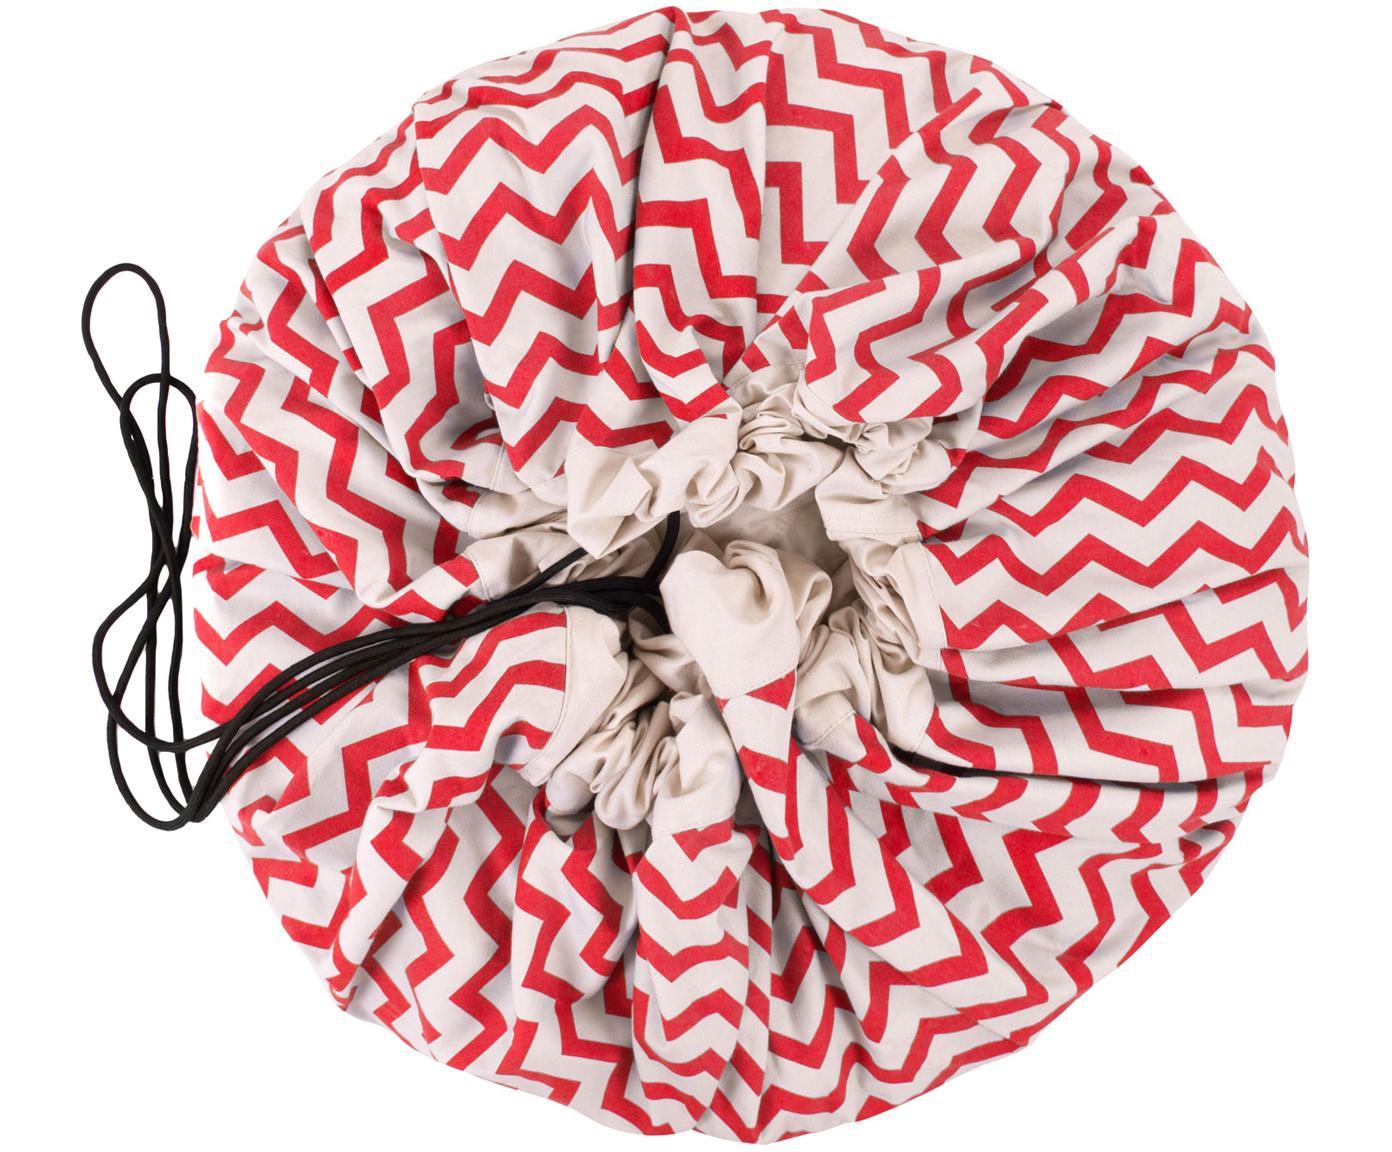 Manta de juegos Zigzag, Poliéster, Rojo, blanco, Ø 140 cm